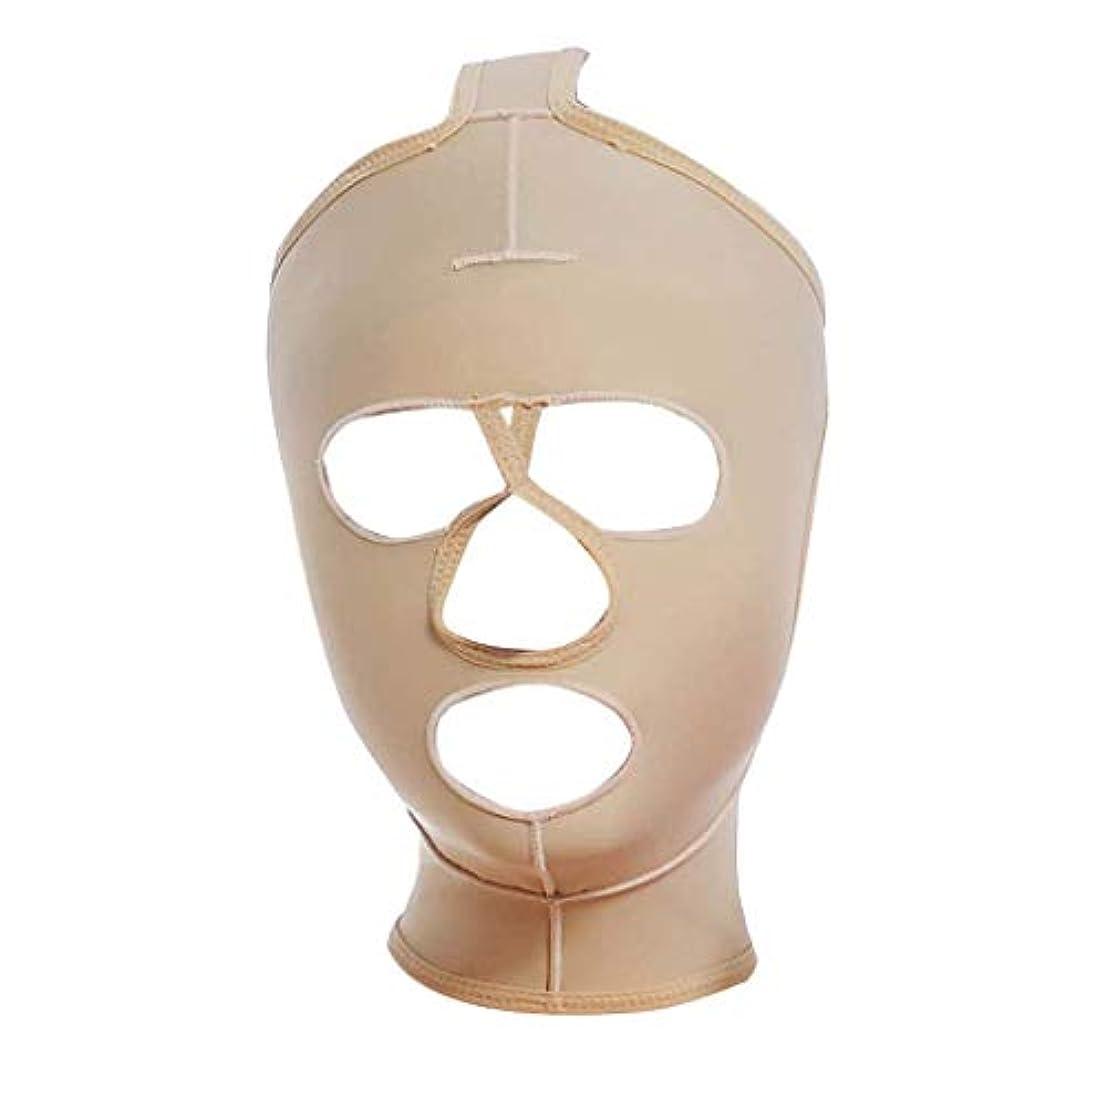 いいねペルセウス署名フェイス&ネックリフト、減量フェイスマスク脂肪吸引術脂肪吸引術整形マスクフードフェイスリフティングアーティファクトVフェイスビームフェイス弾性スリーブ(サイズ:XXL),L